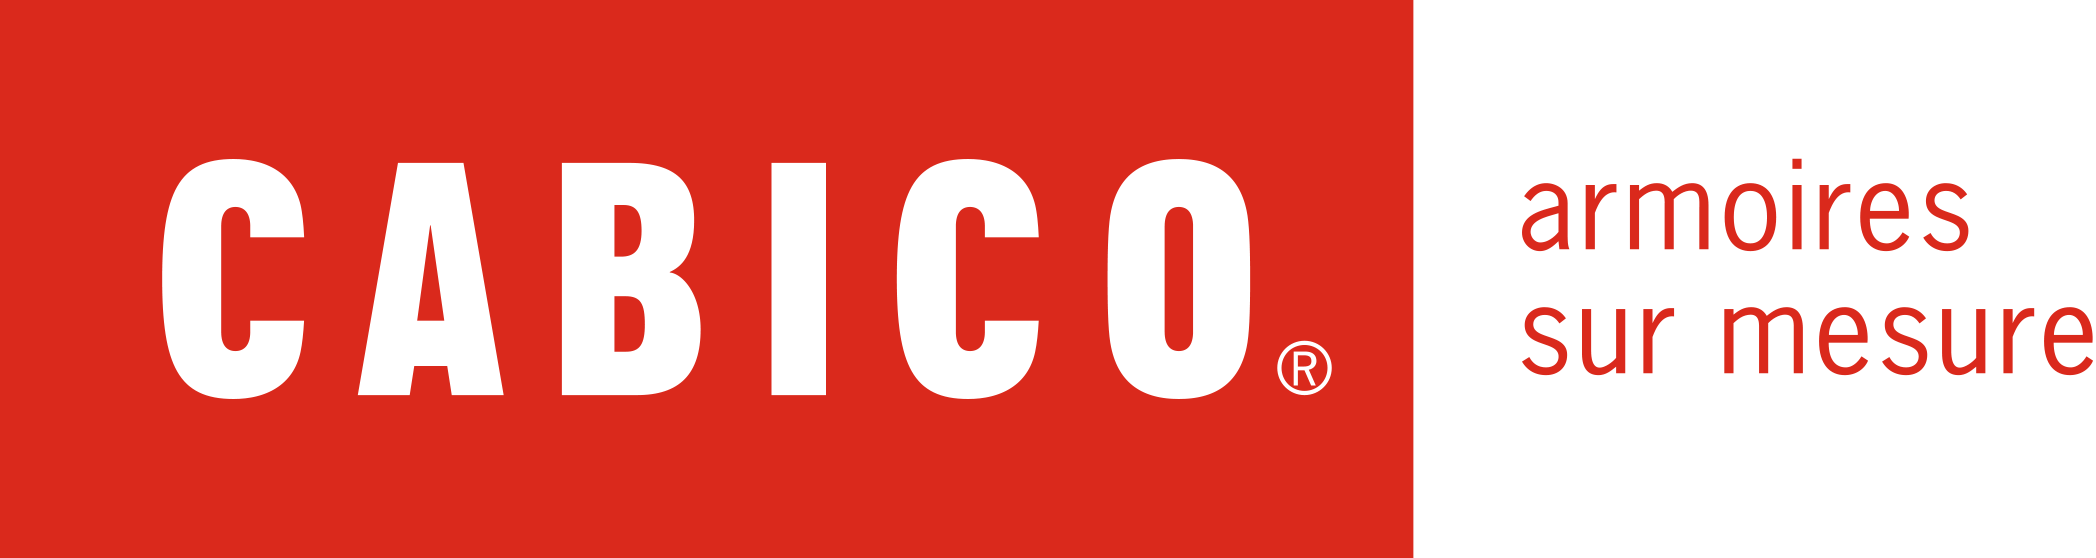 Cabico-FR